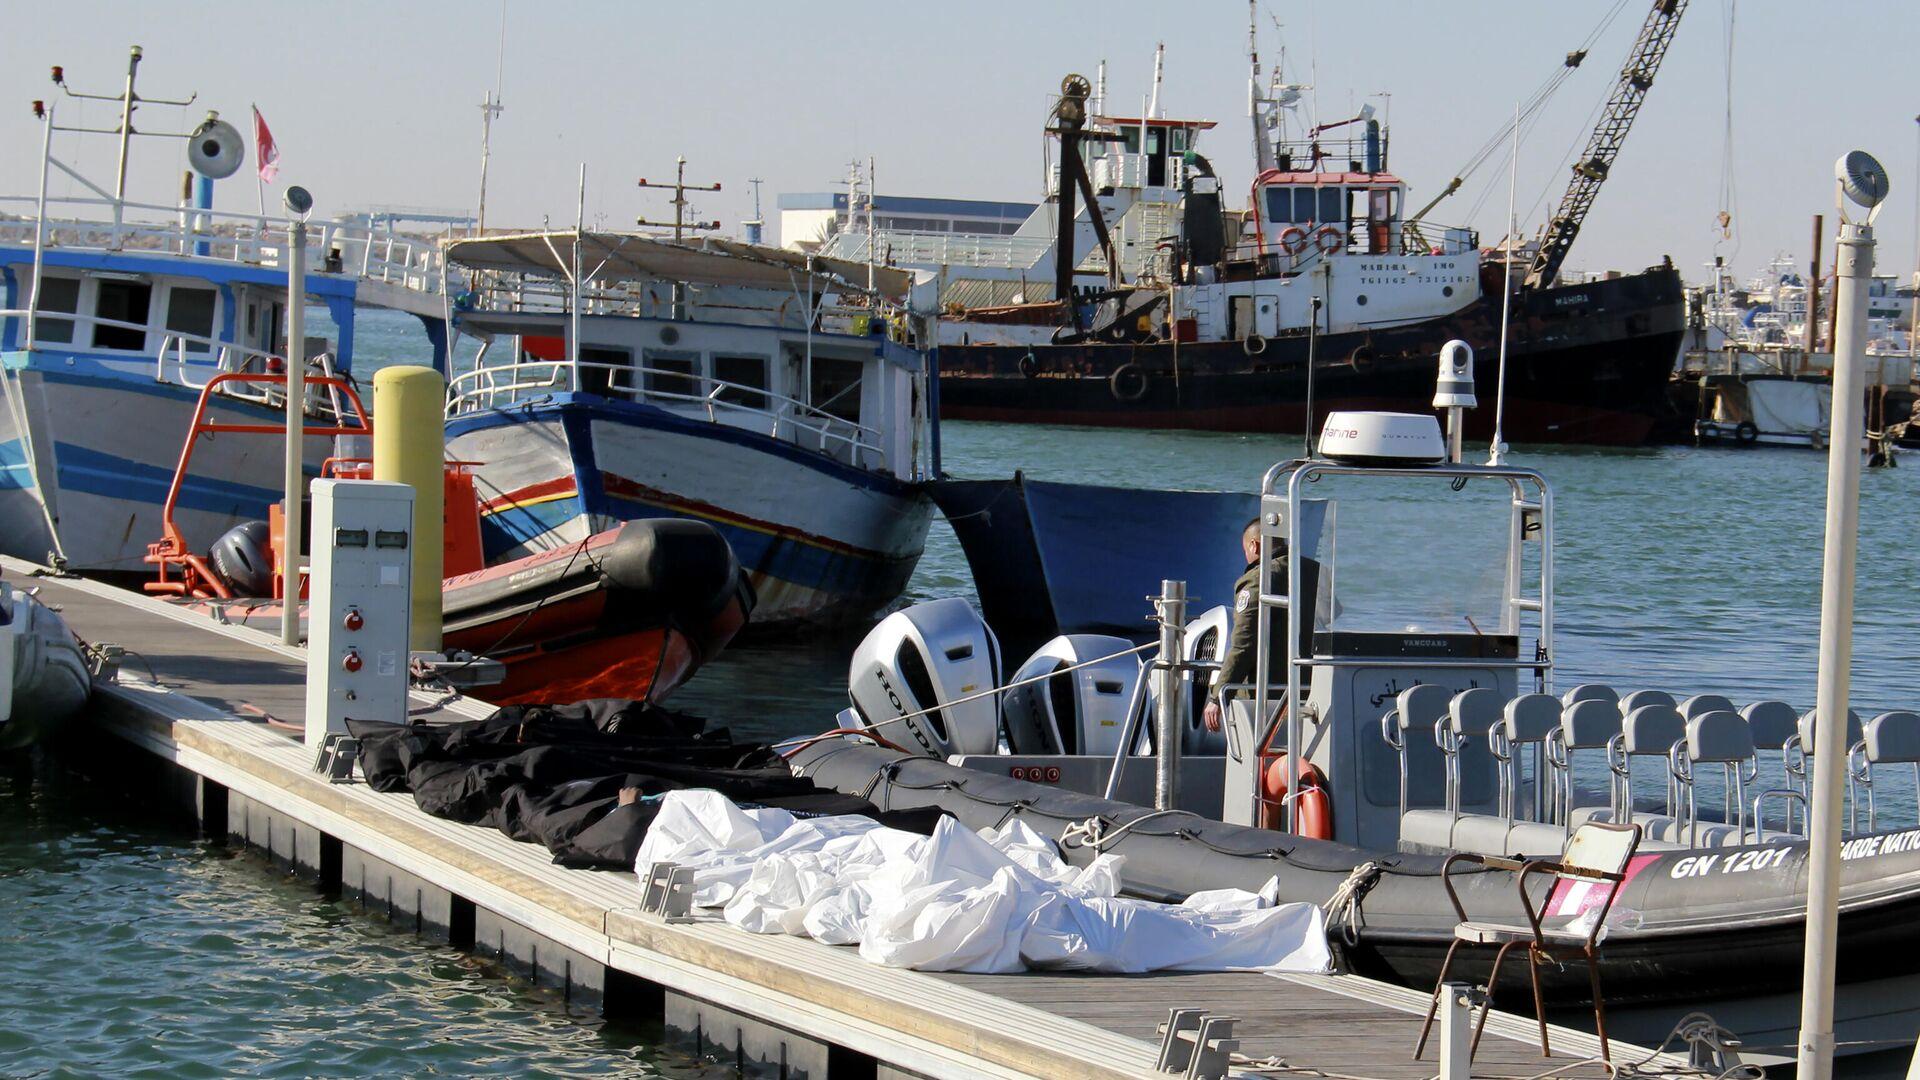 Mindestens 20 Migranten sterben bei Bootsunglück vor der Küste Tunesiens  - SNA, 1920, 24.12.2020